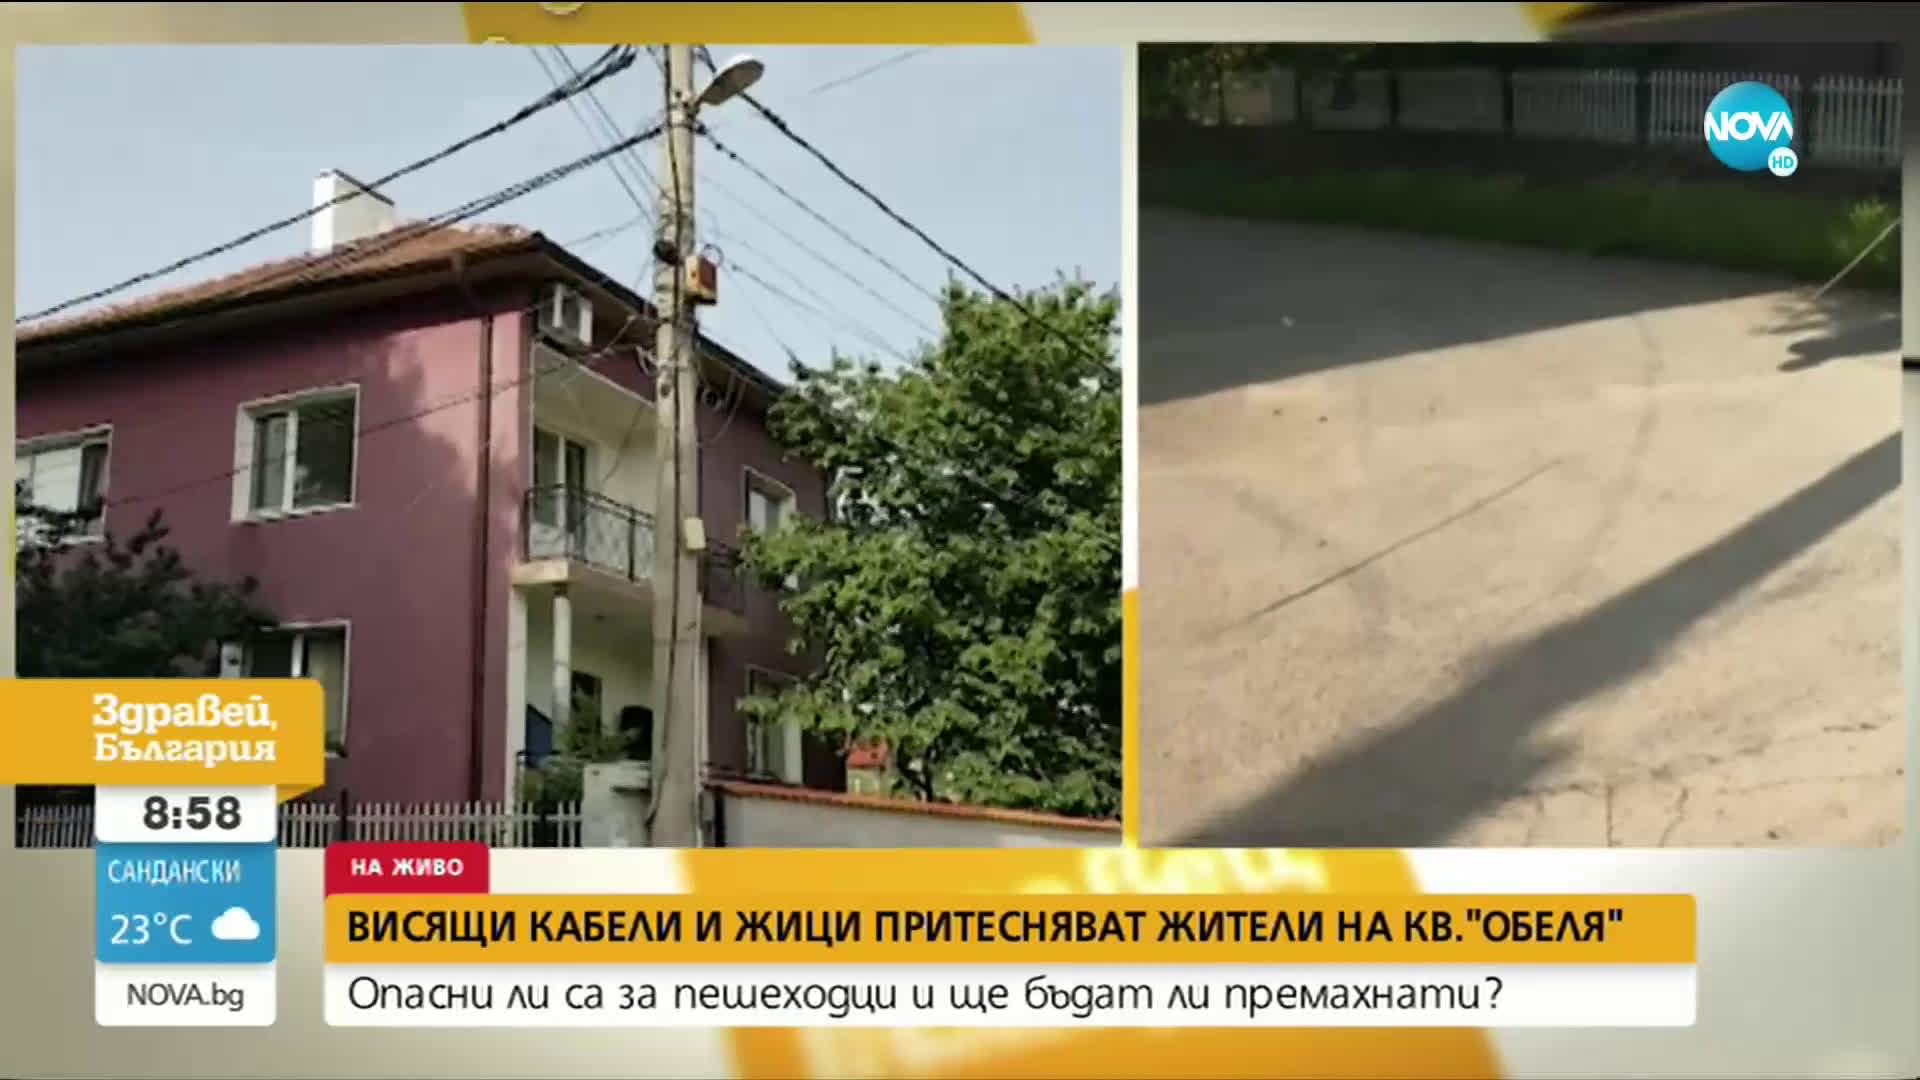 Опасни ли са и ще бъдат ли премахнати висящи кабели и жици в столичен квартал